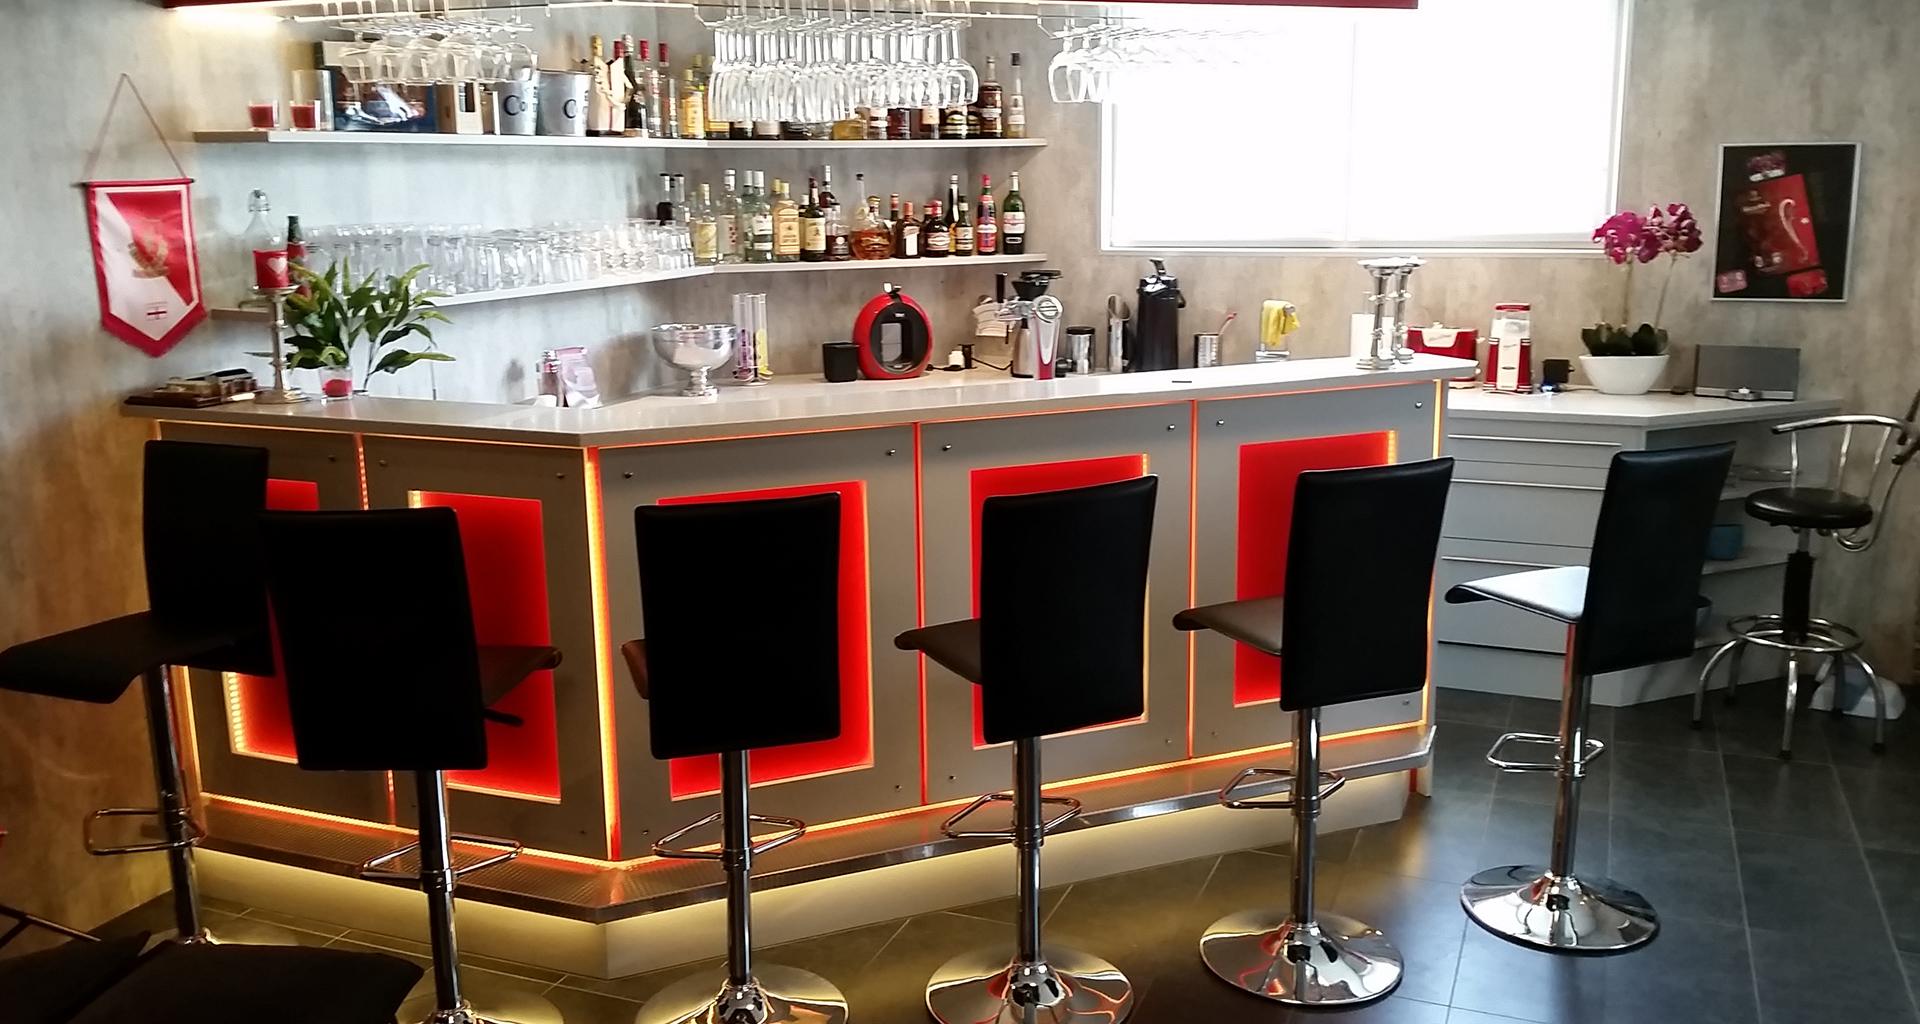 Lien og Lian - Bar